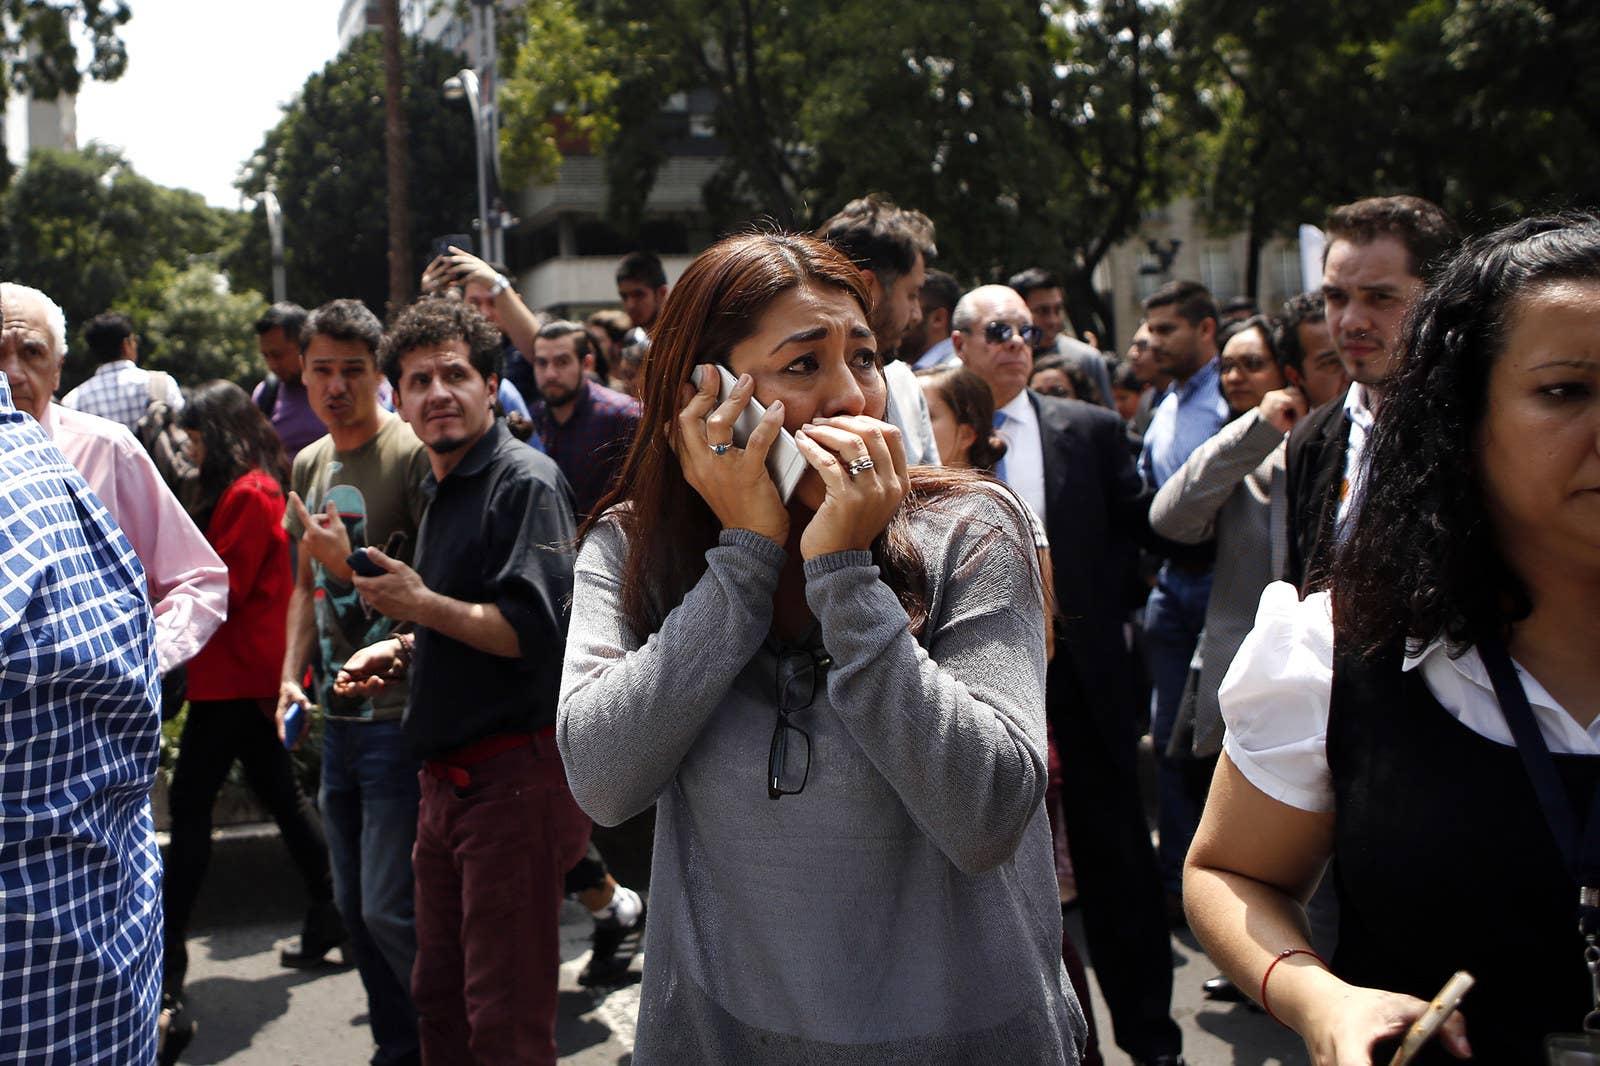 La gente fue evacuada de un edificio de oficinas en la Avenida Reforma de la Ciudad de México.